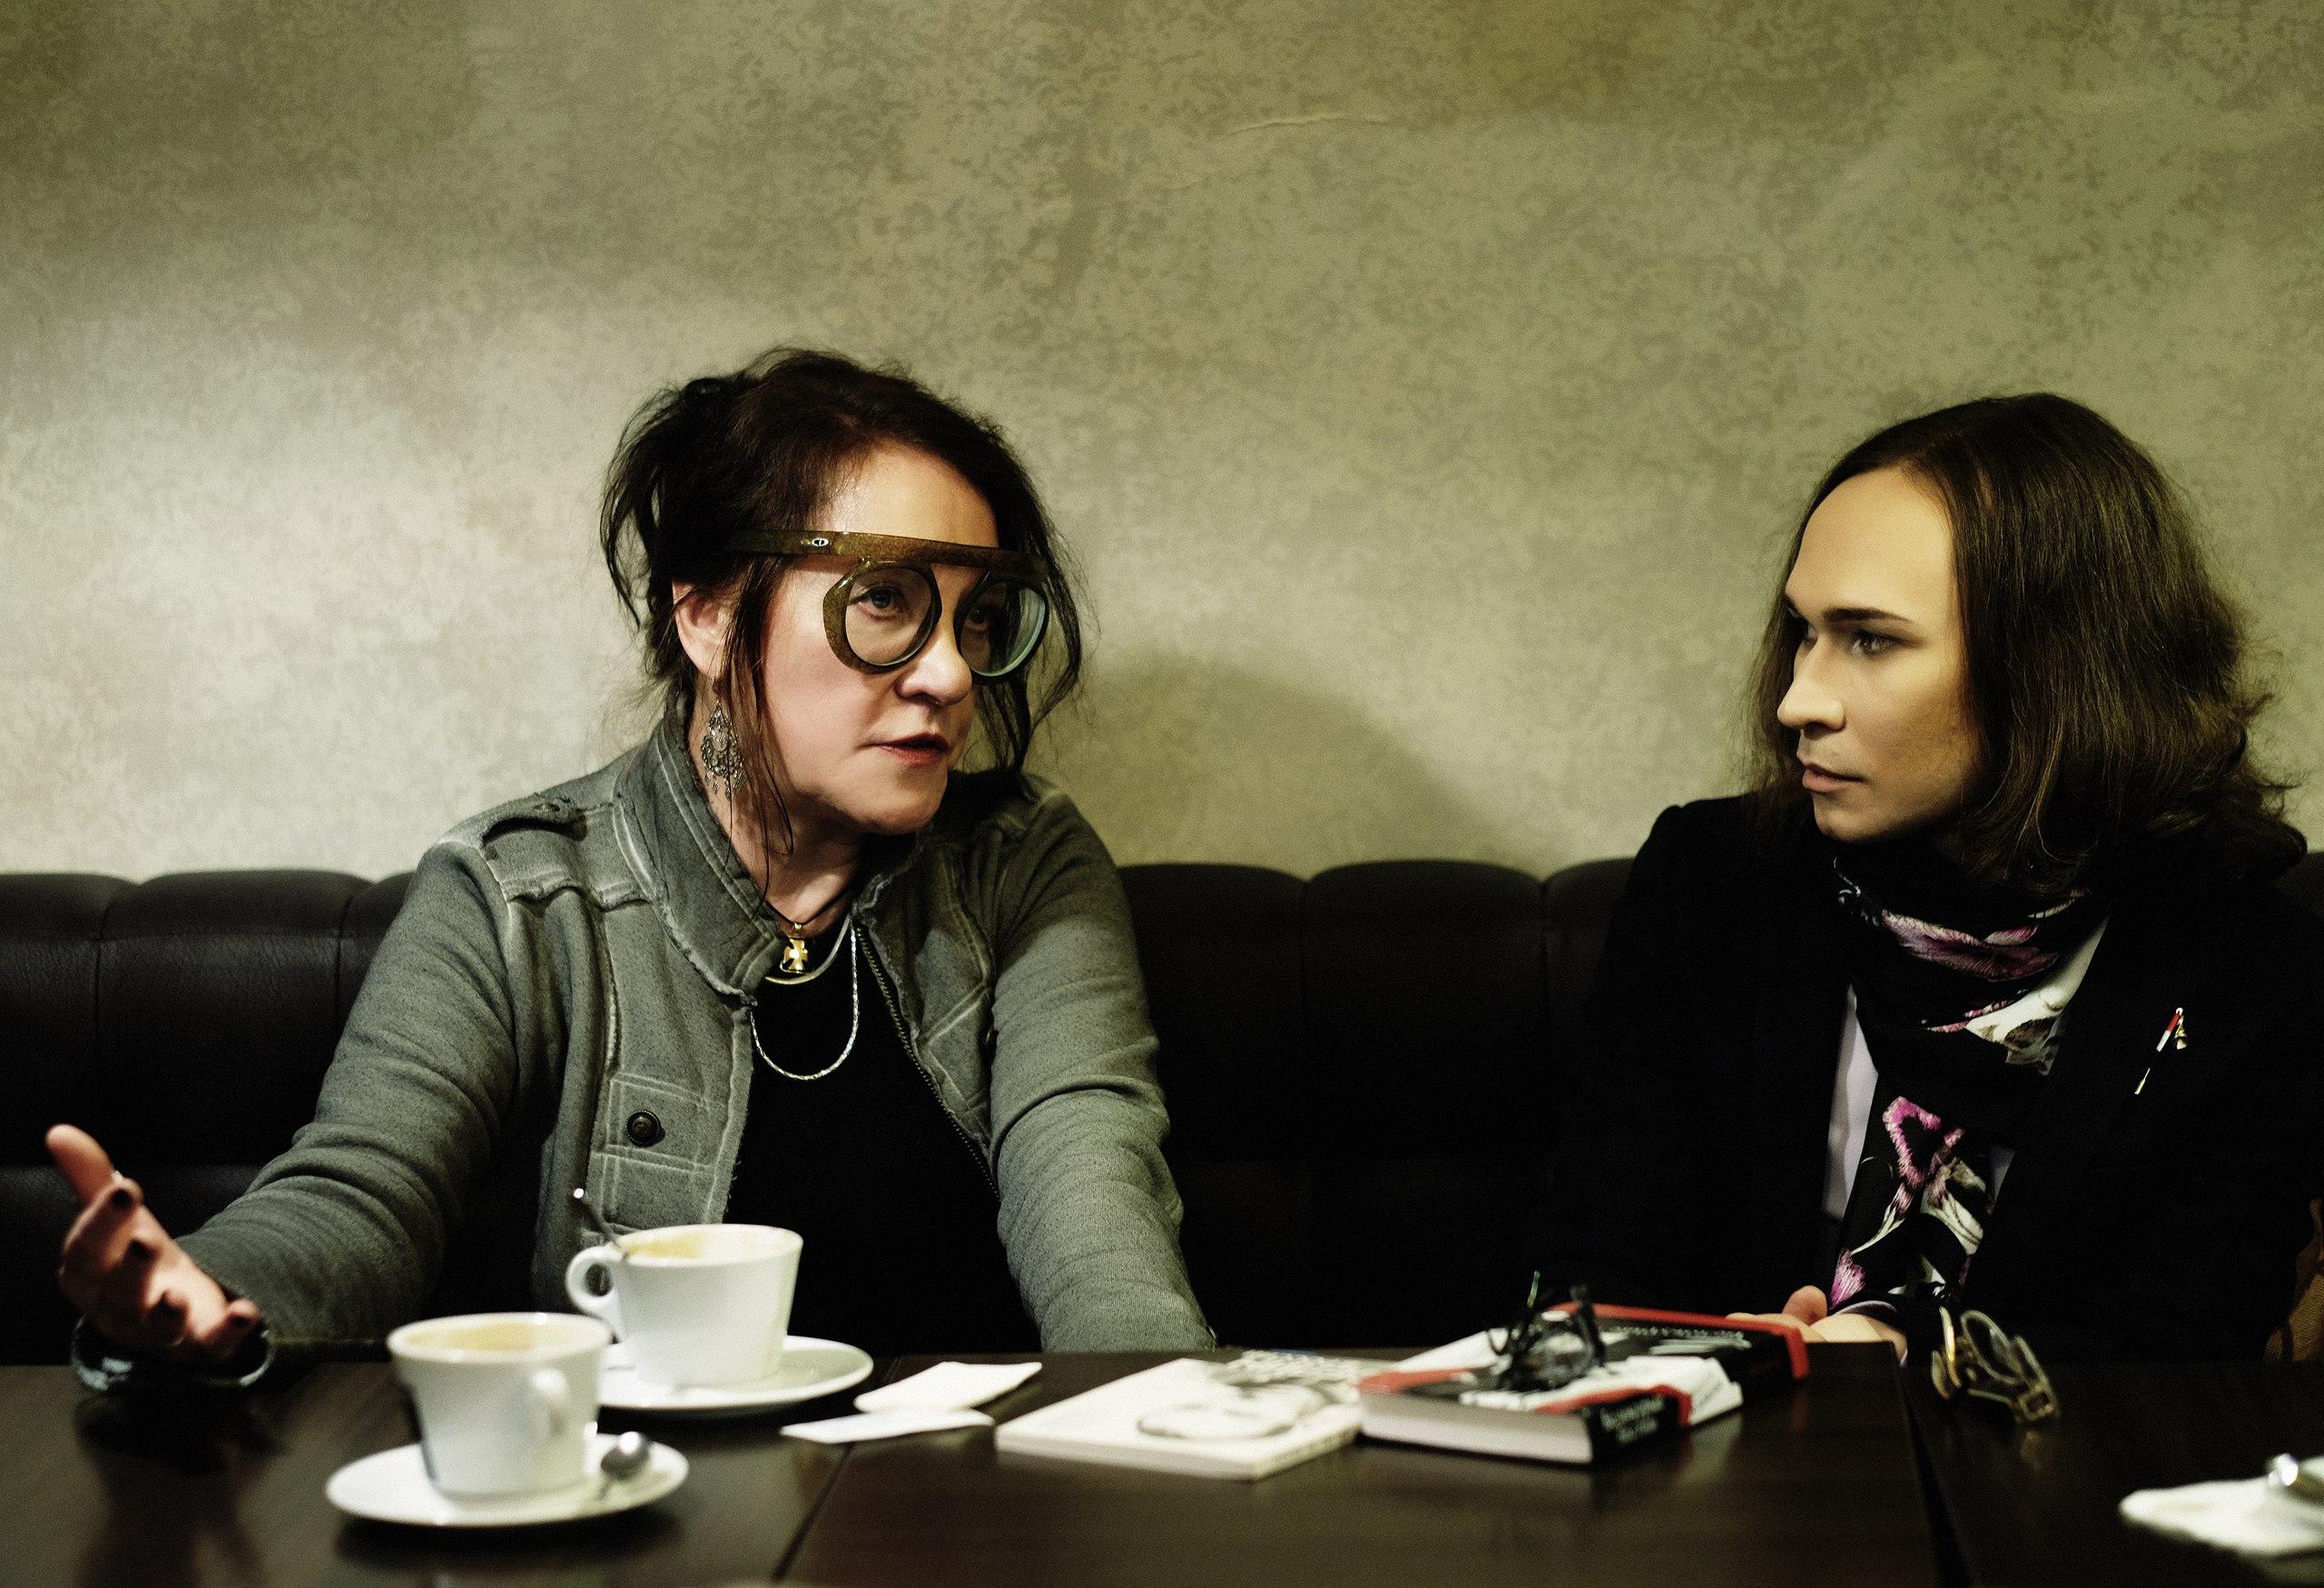 Маруся Климова и Нестор Пилявский говорят о недобром, недолговечном и неразумном. Фото Раисы Канаревой.